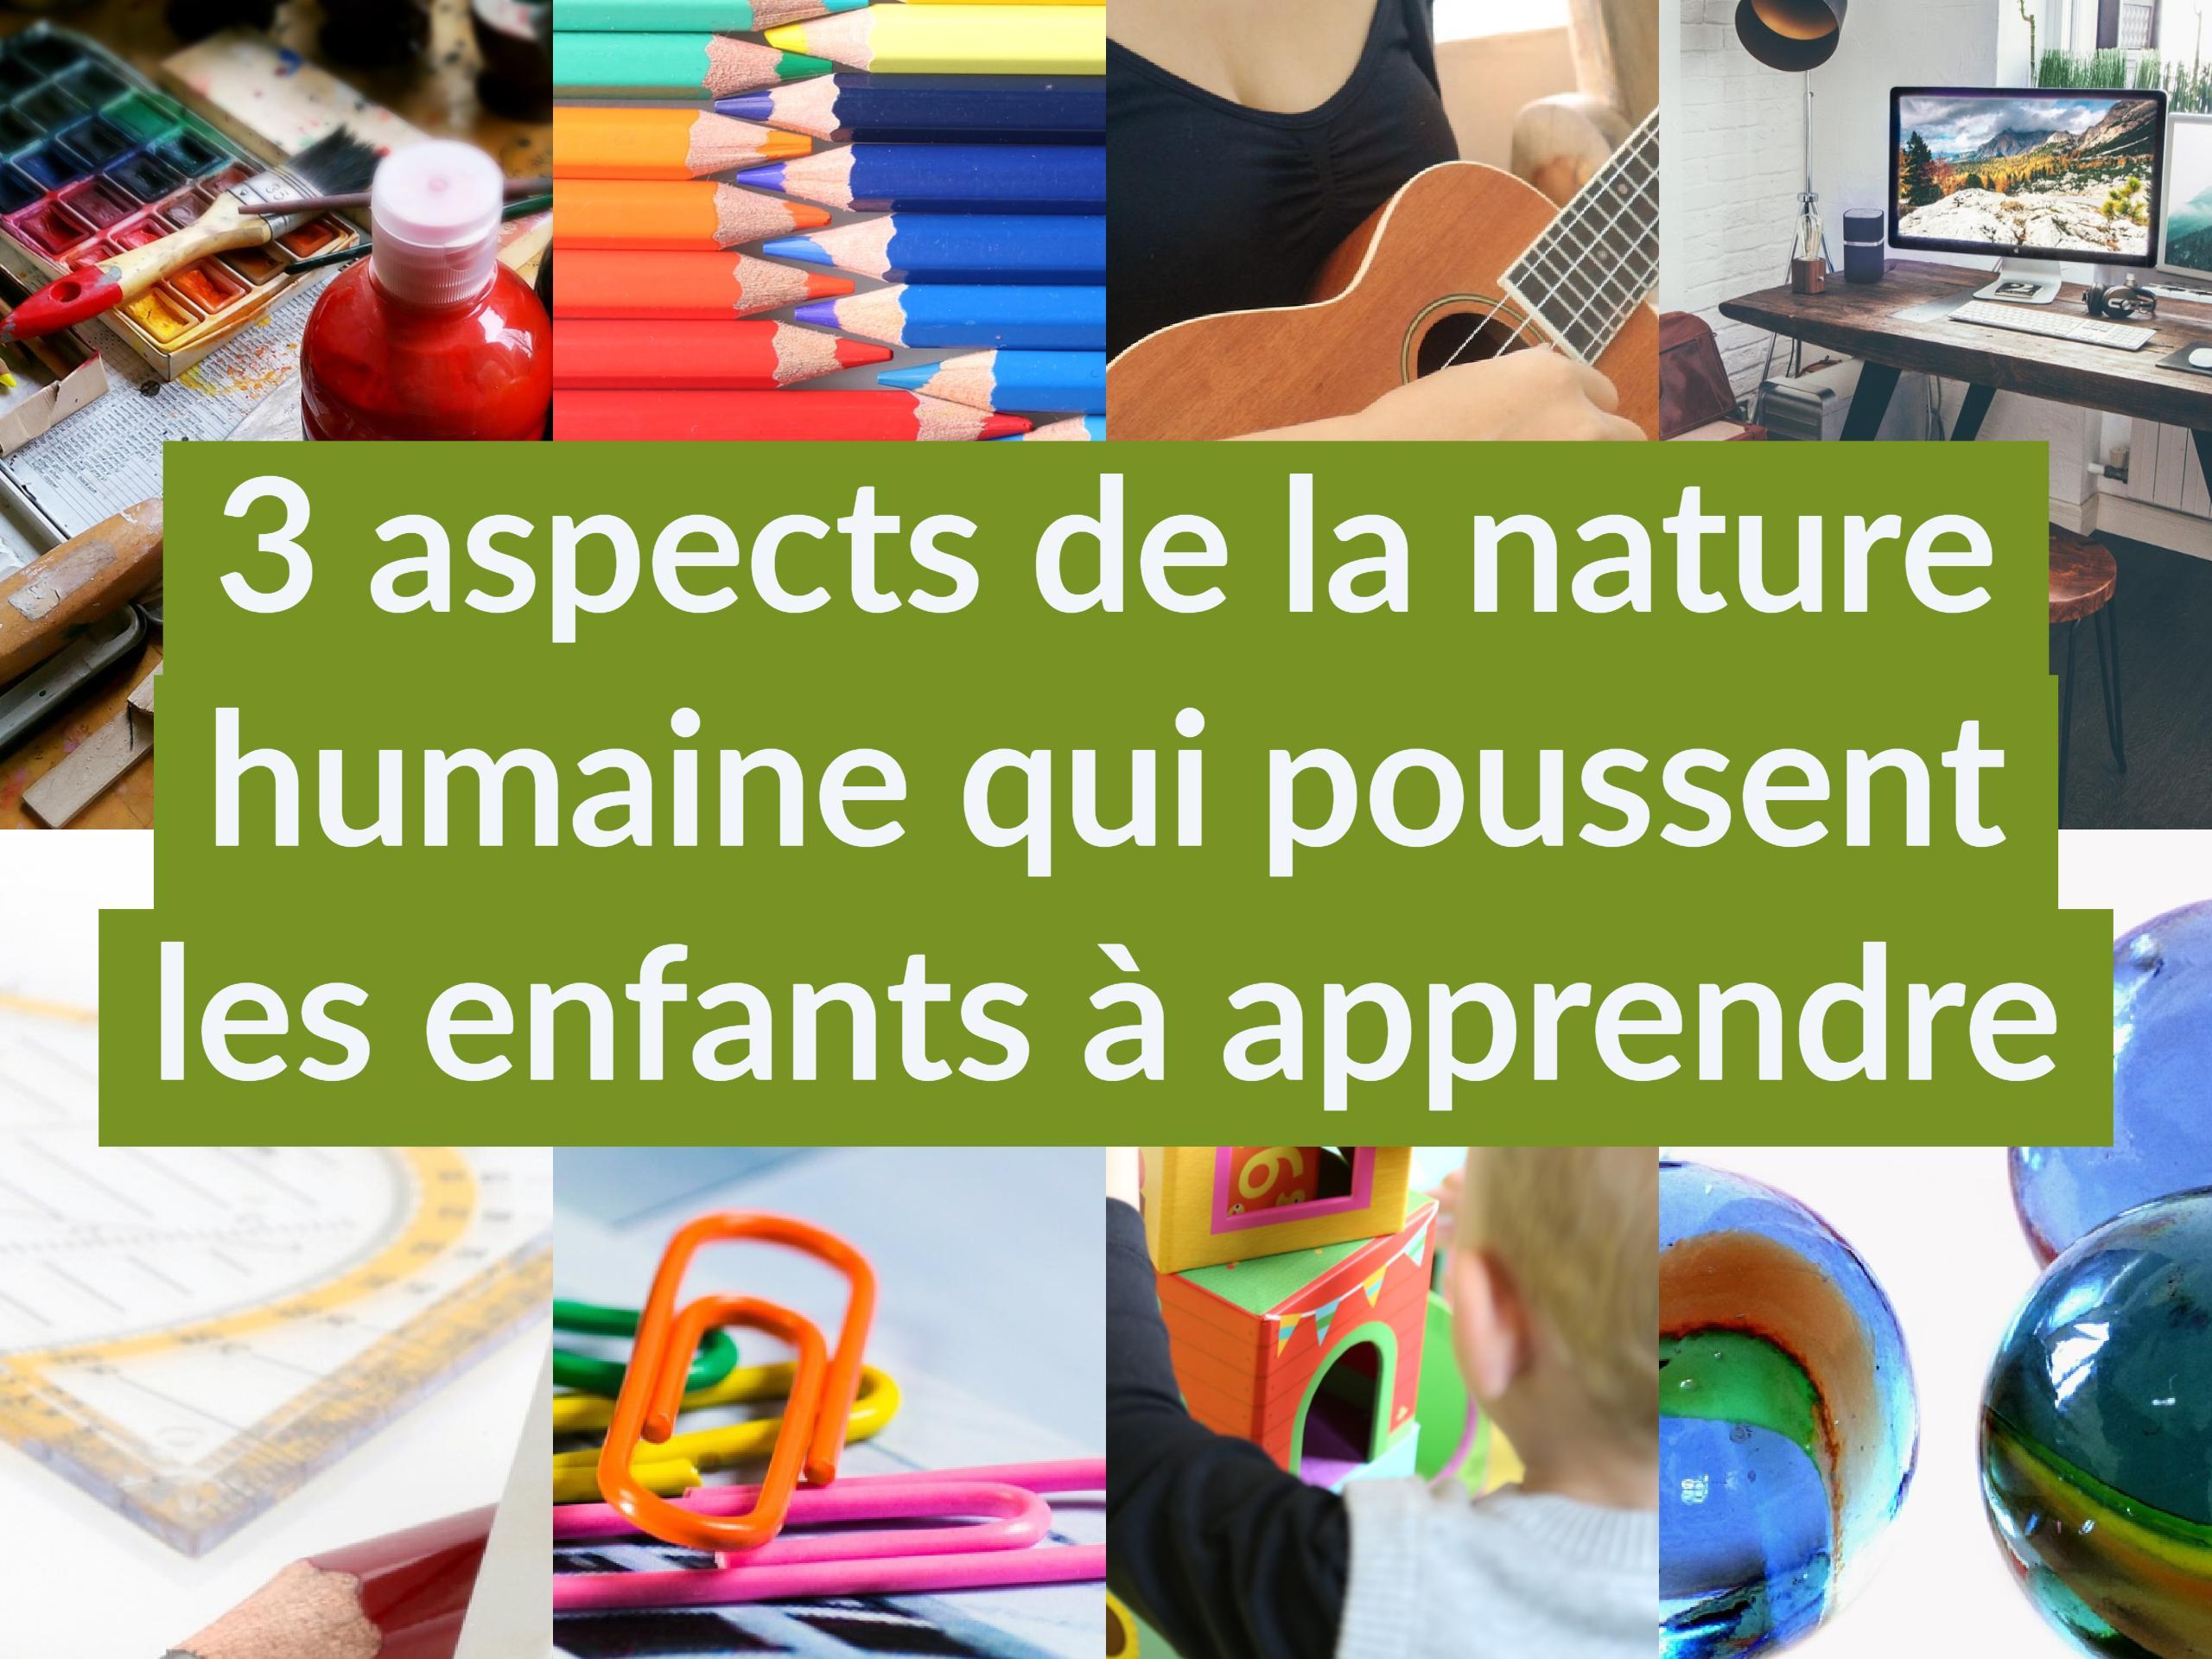 3 aspects de la nature humaine qui poussent les enfants à apprendre